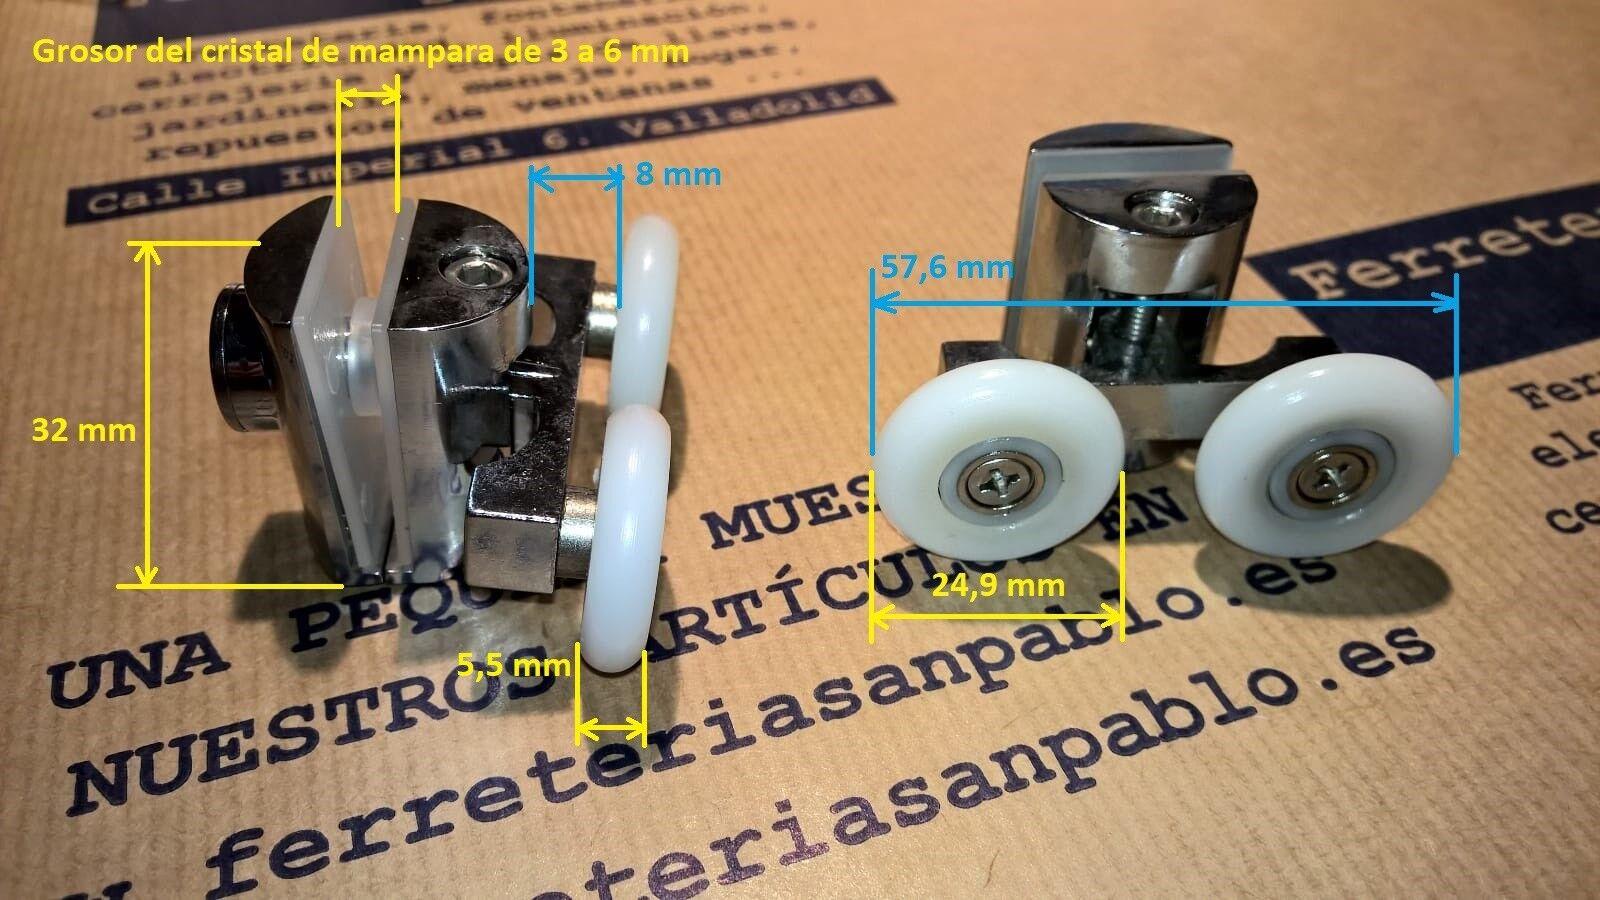 2 PATINES DE MAMPARA 25 25 25 mm co634722 (rodamientos para ventanas)rueda rodamiento 963444